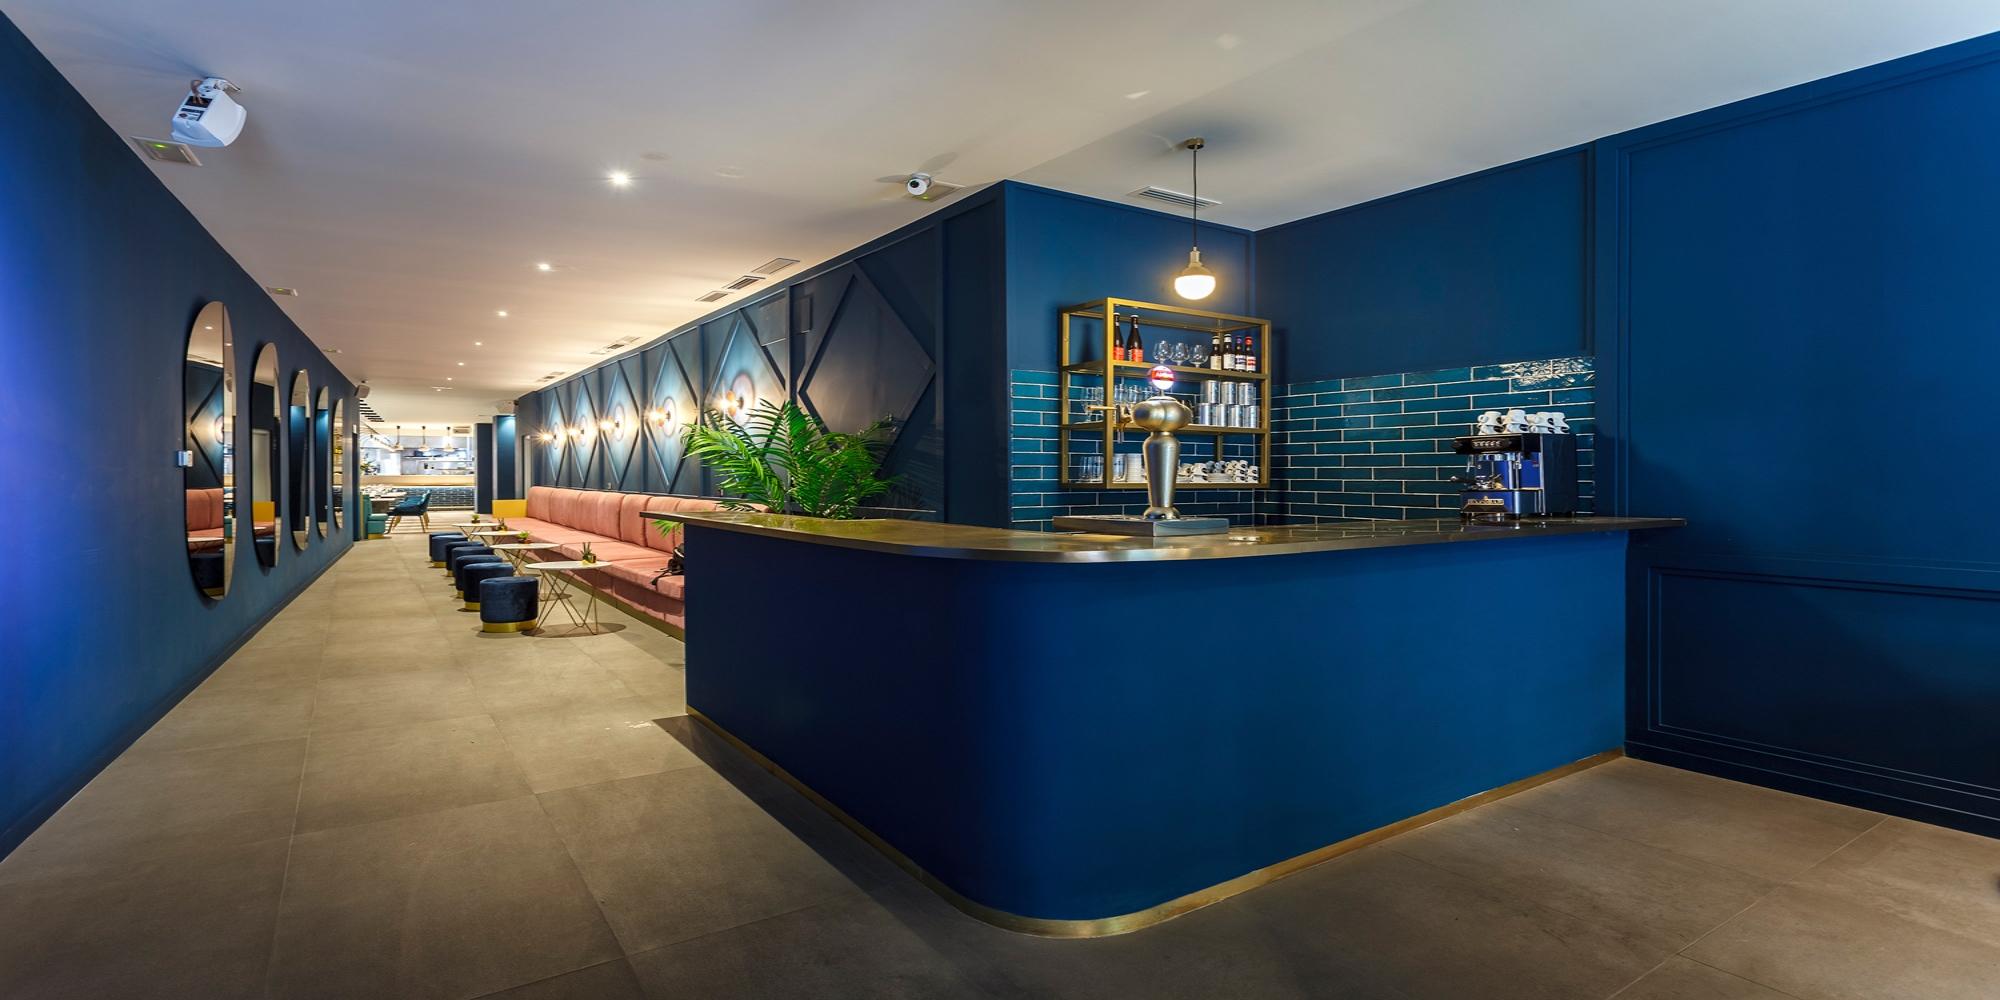 Estudio de Interiores: Peanut Design crea proyecto elegantes y poderosos estudio de interiores Estudio de Interiores: Peanut Design crea proyecto elegantes y poderosos Featured1